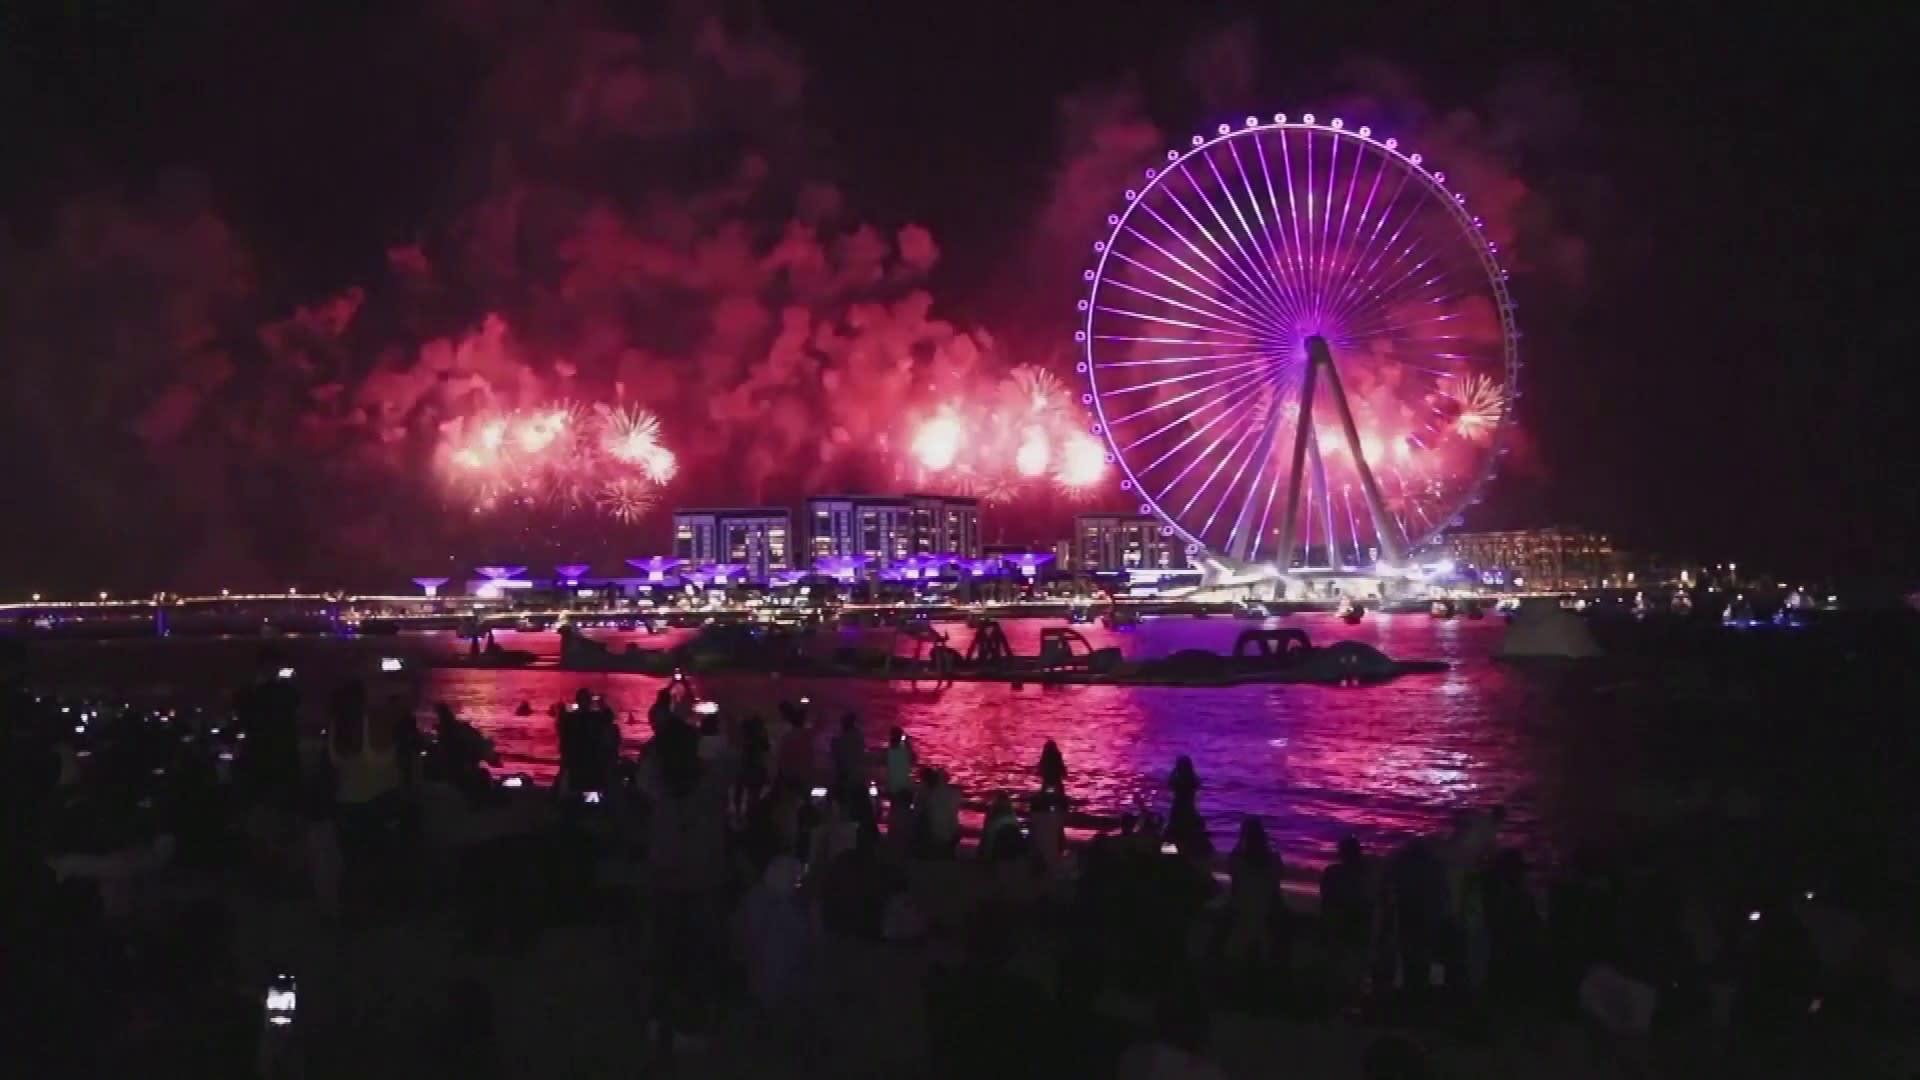 Dubaissa vihittiin käyttöön maailman suurin maailmanpyörä